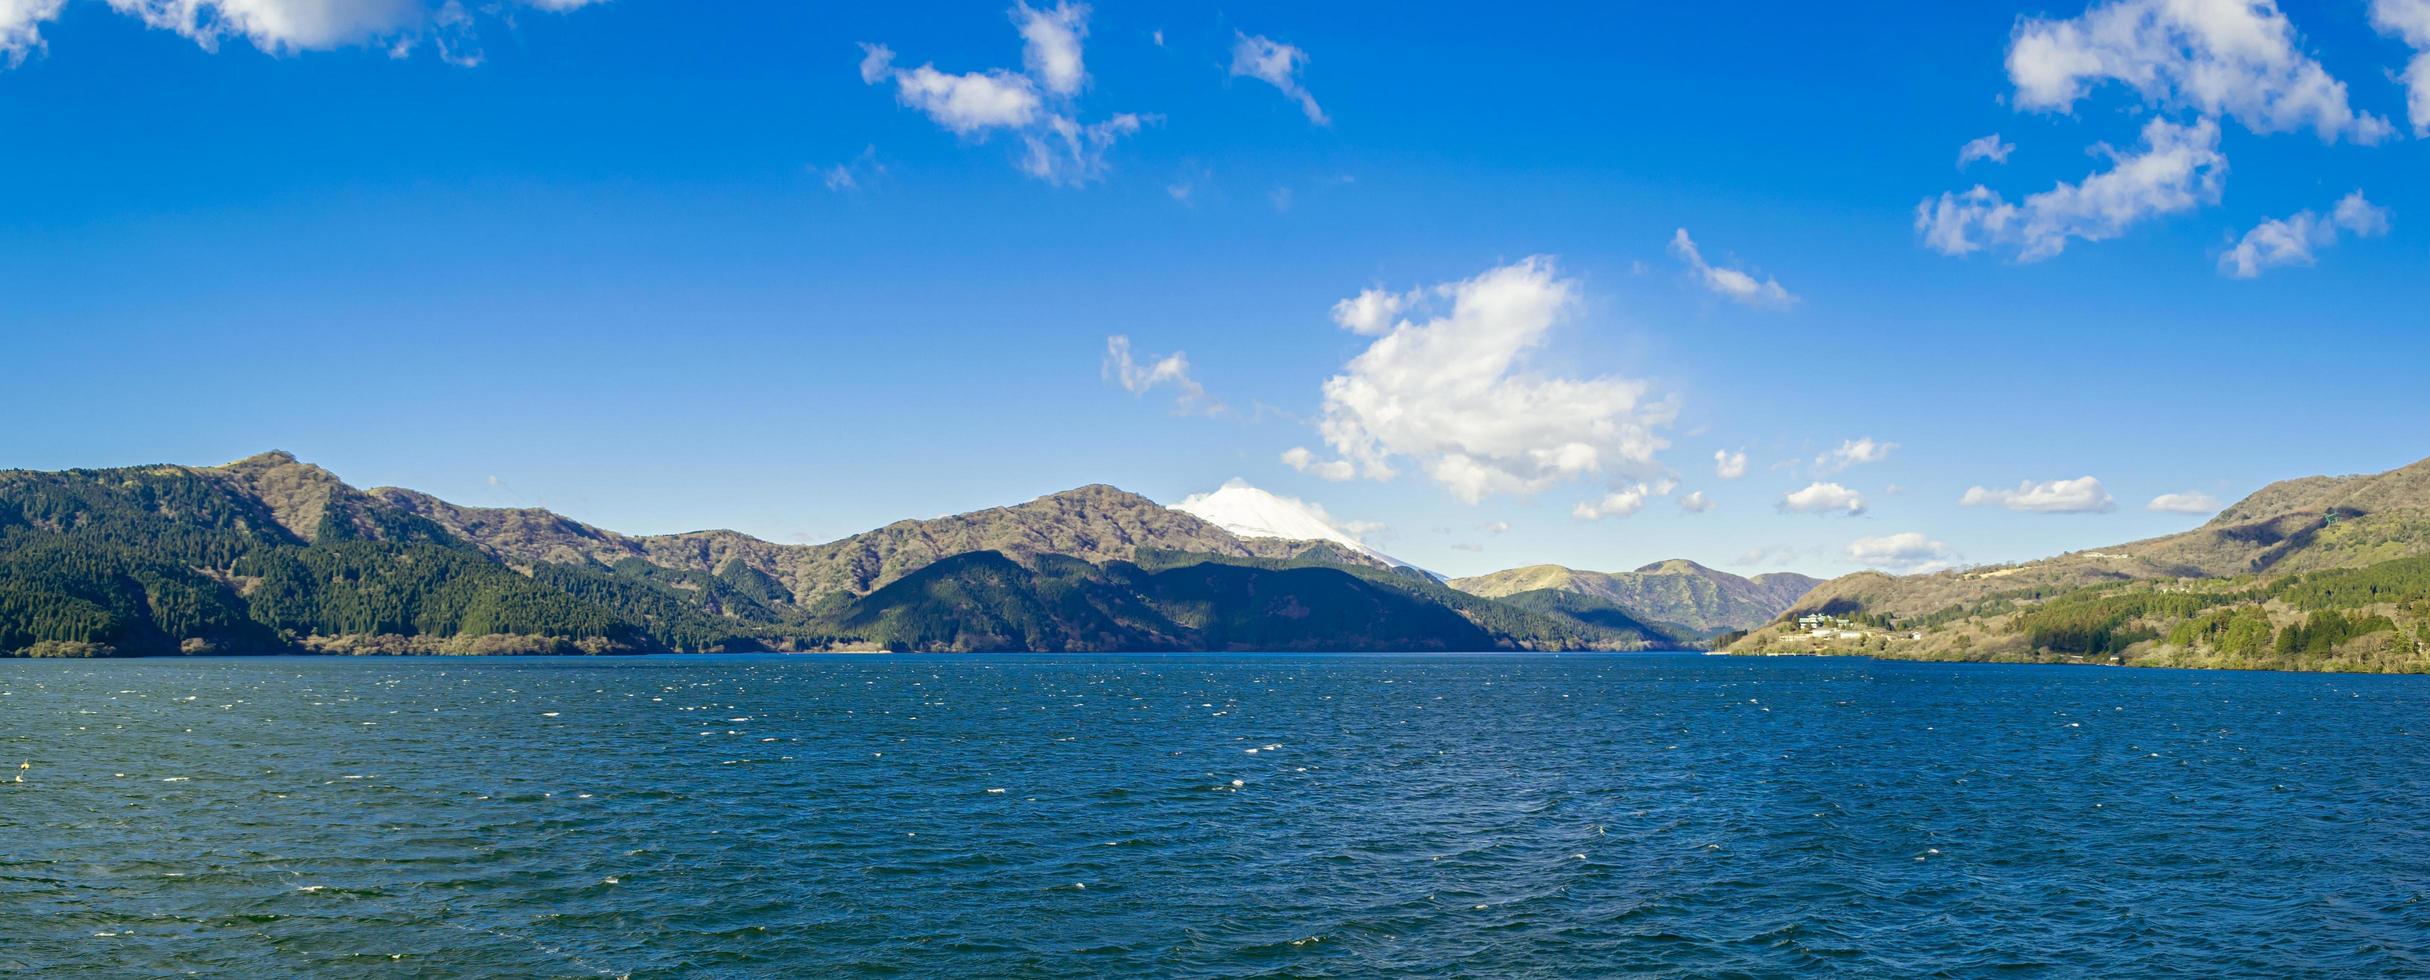 vista panorámica de un lago y montañas foto